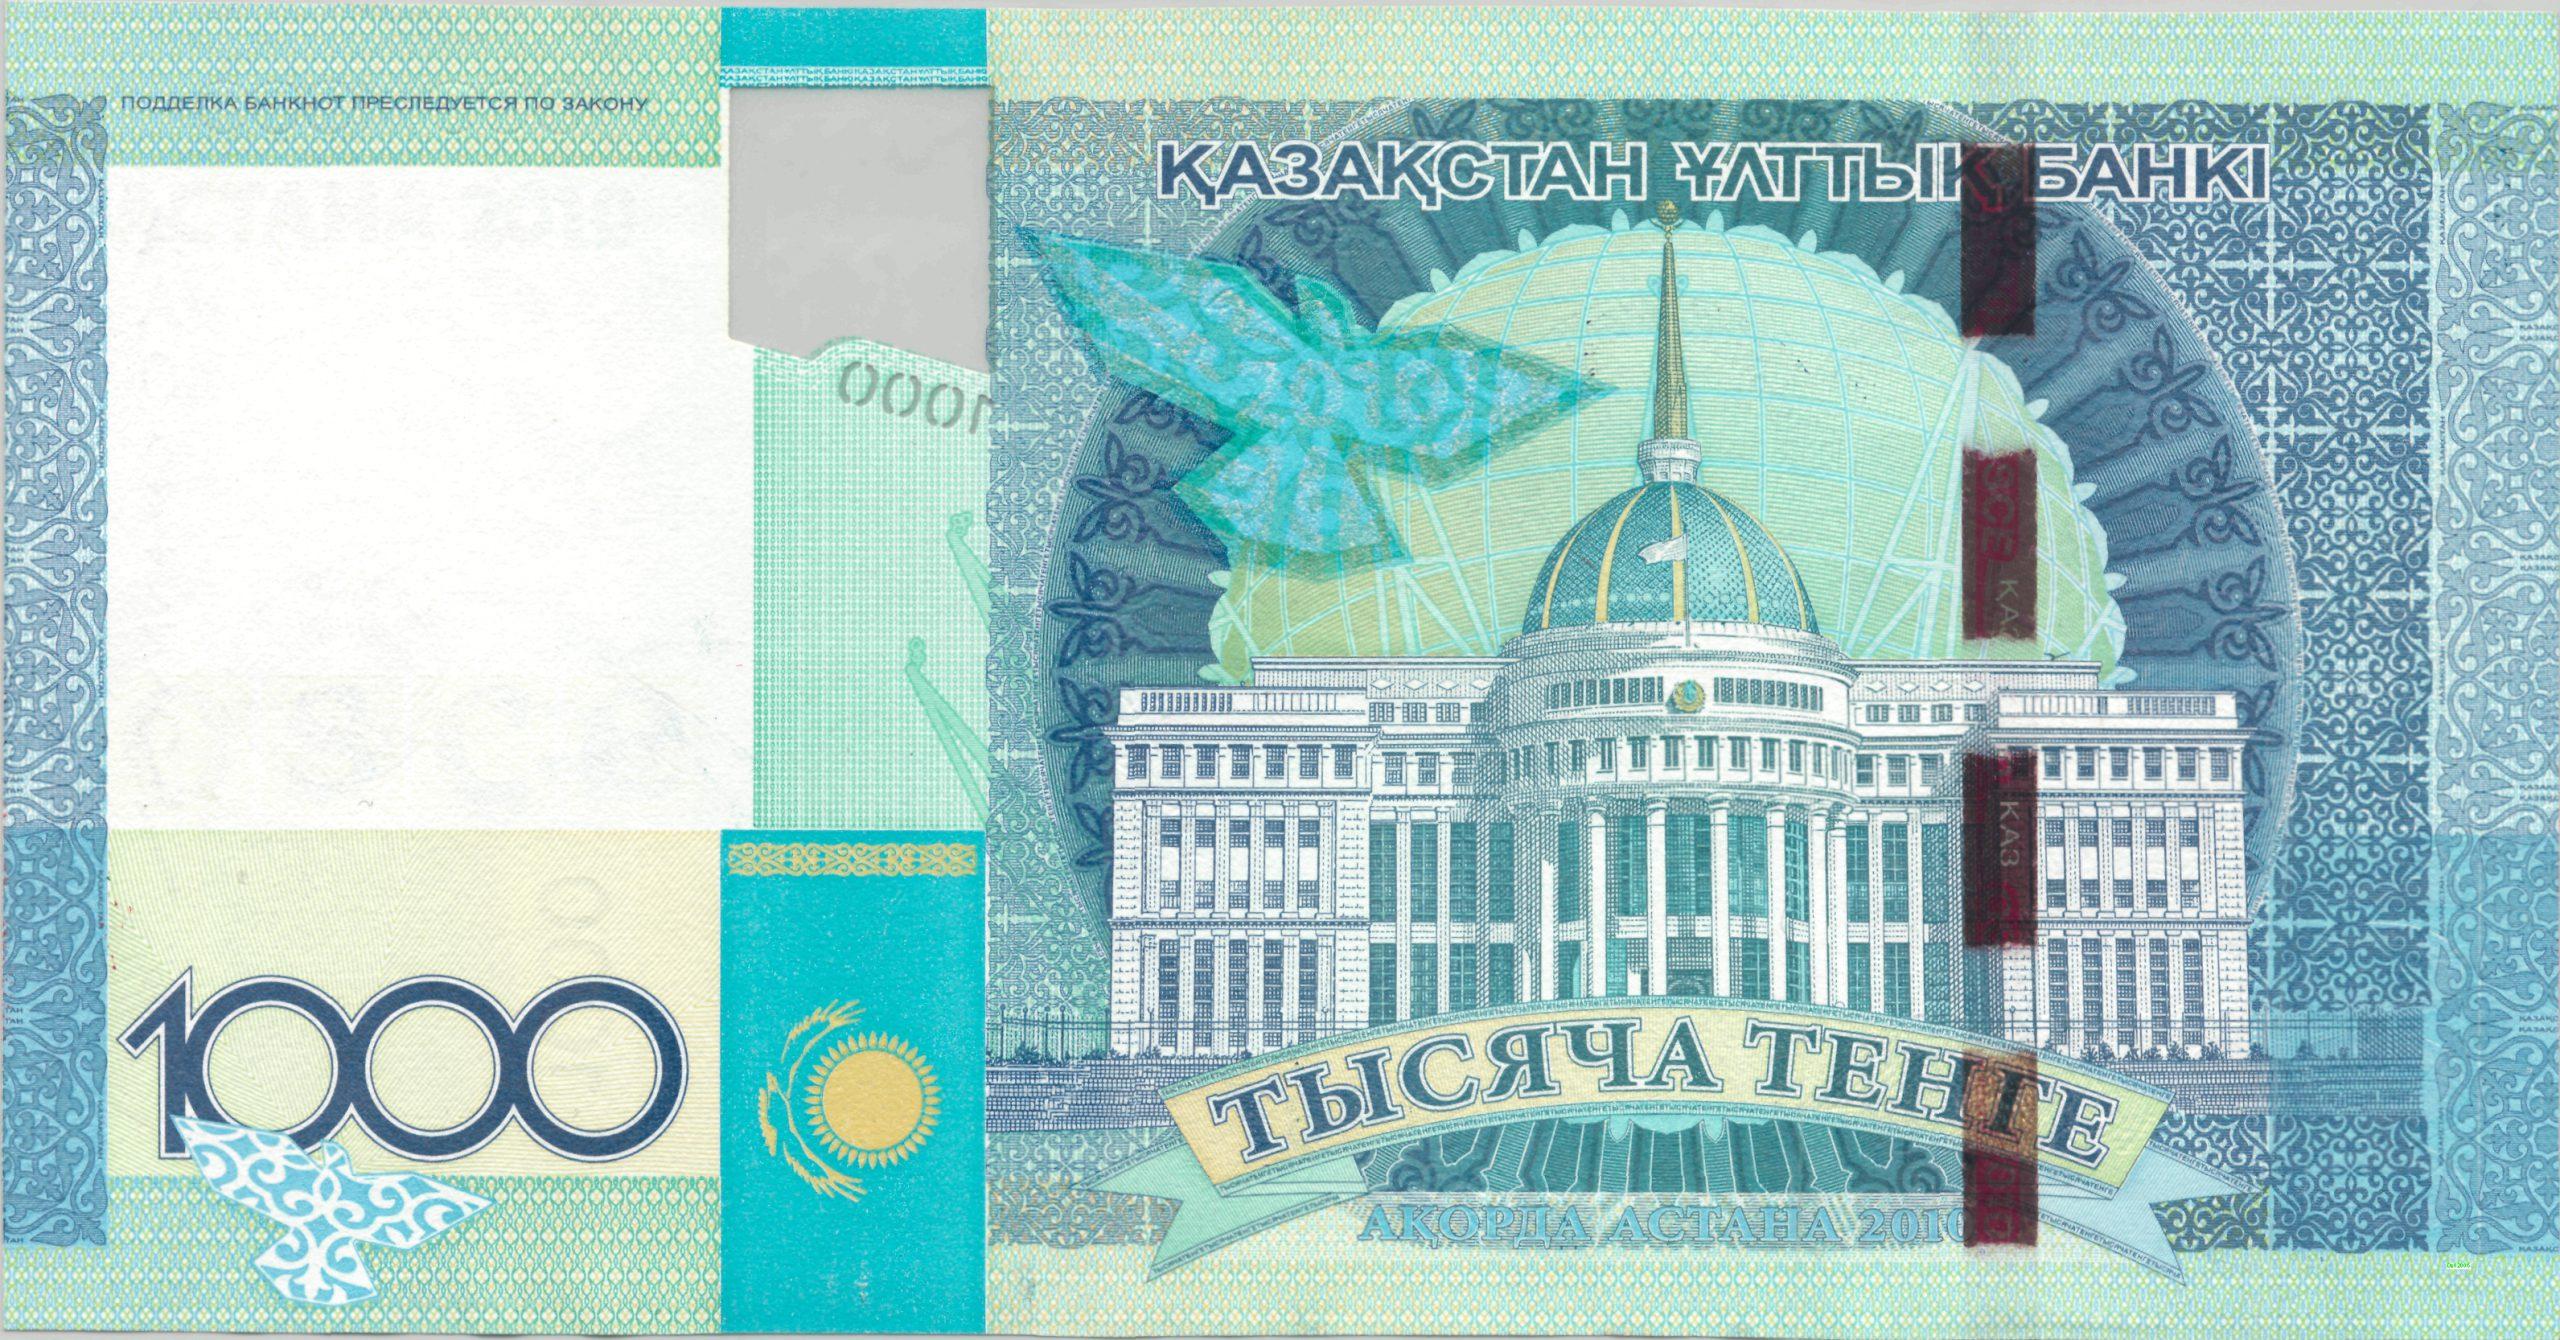 Займы без процентов до зарплаты казахстан тенге